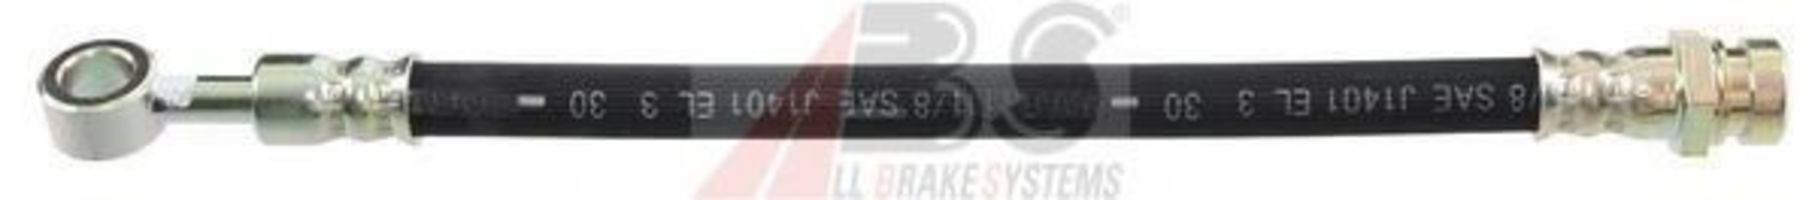 Шланг тормозной A.B.S. SL5781